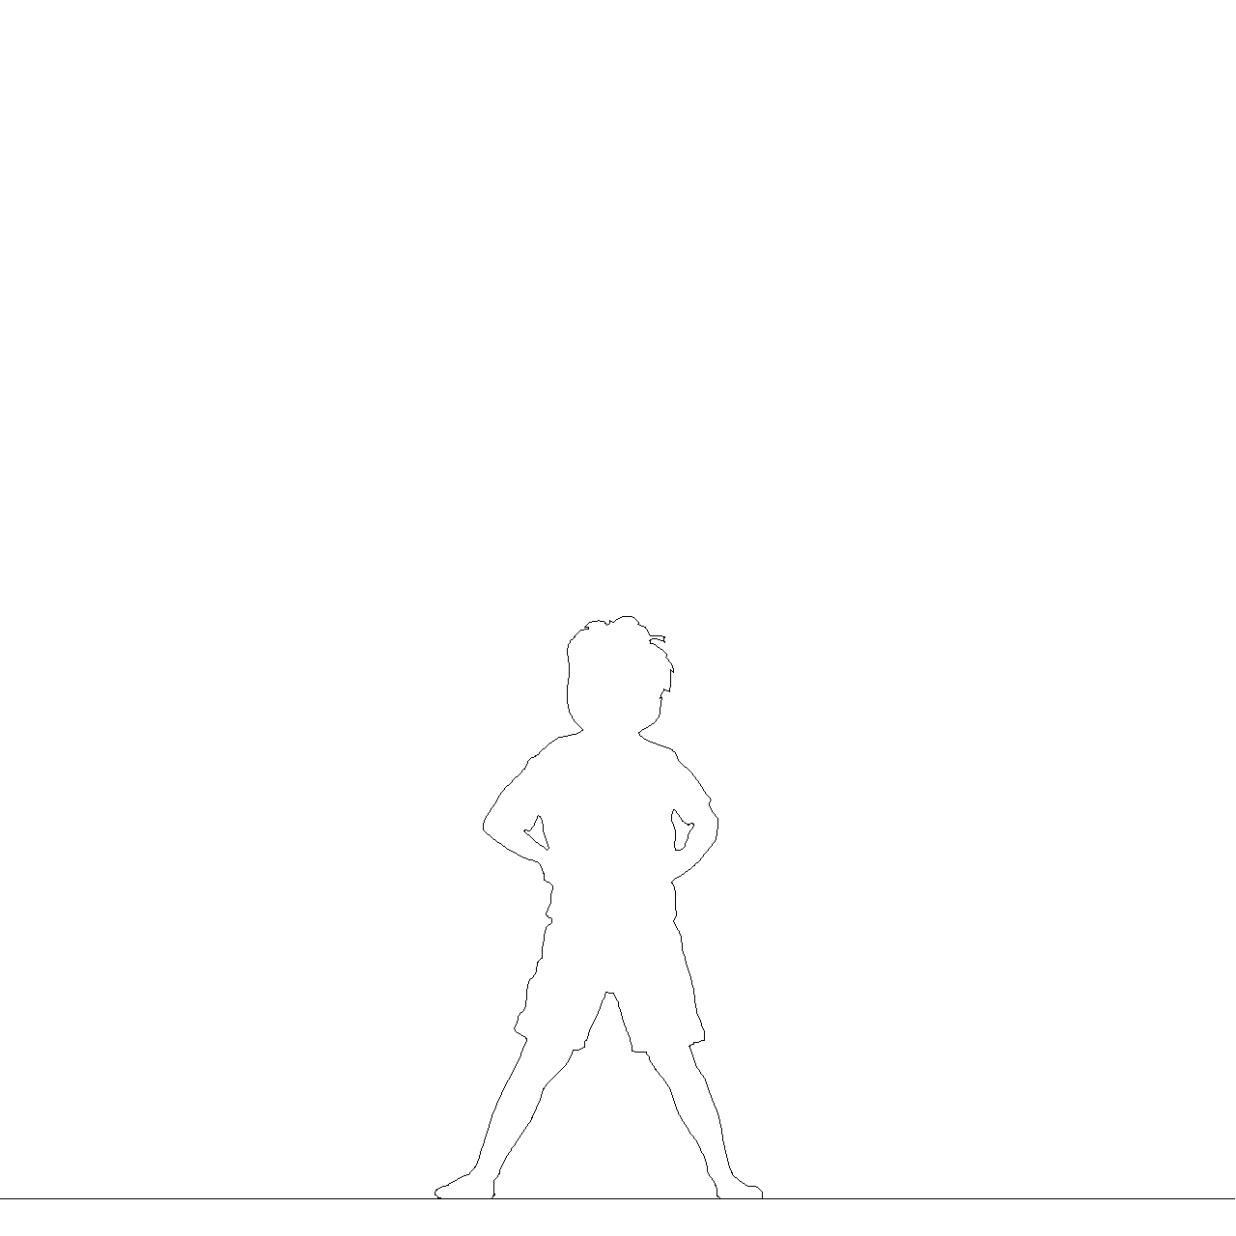 仁王立ちする 男の子丨シルエット 人間 子供丨無料 商用可能 フリー素材 フリーデータ AUTOCAD DWG DXF